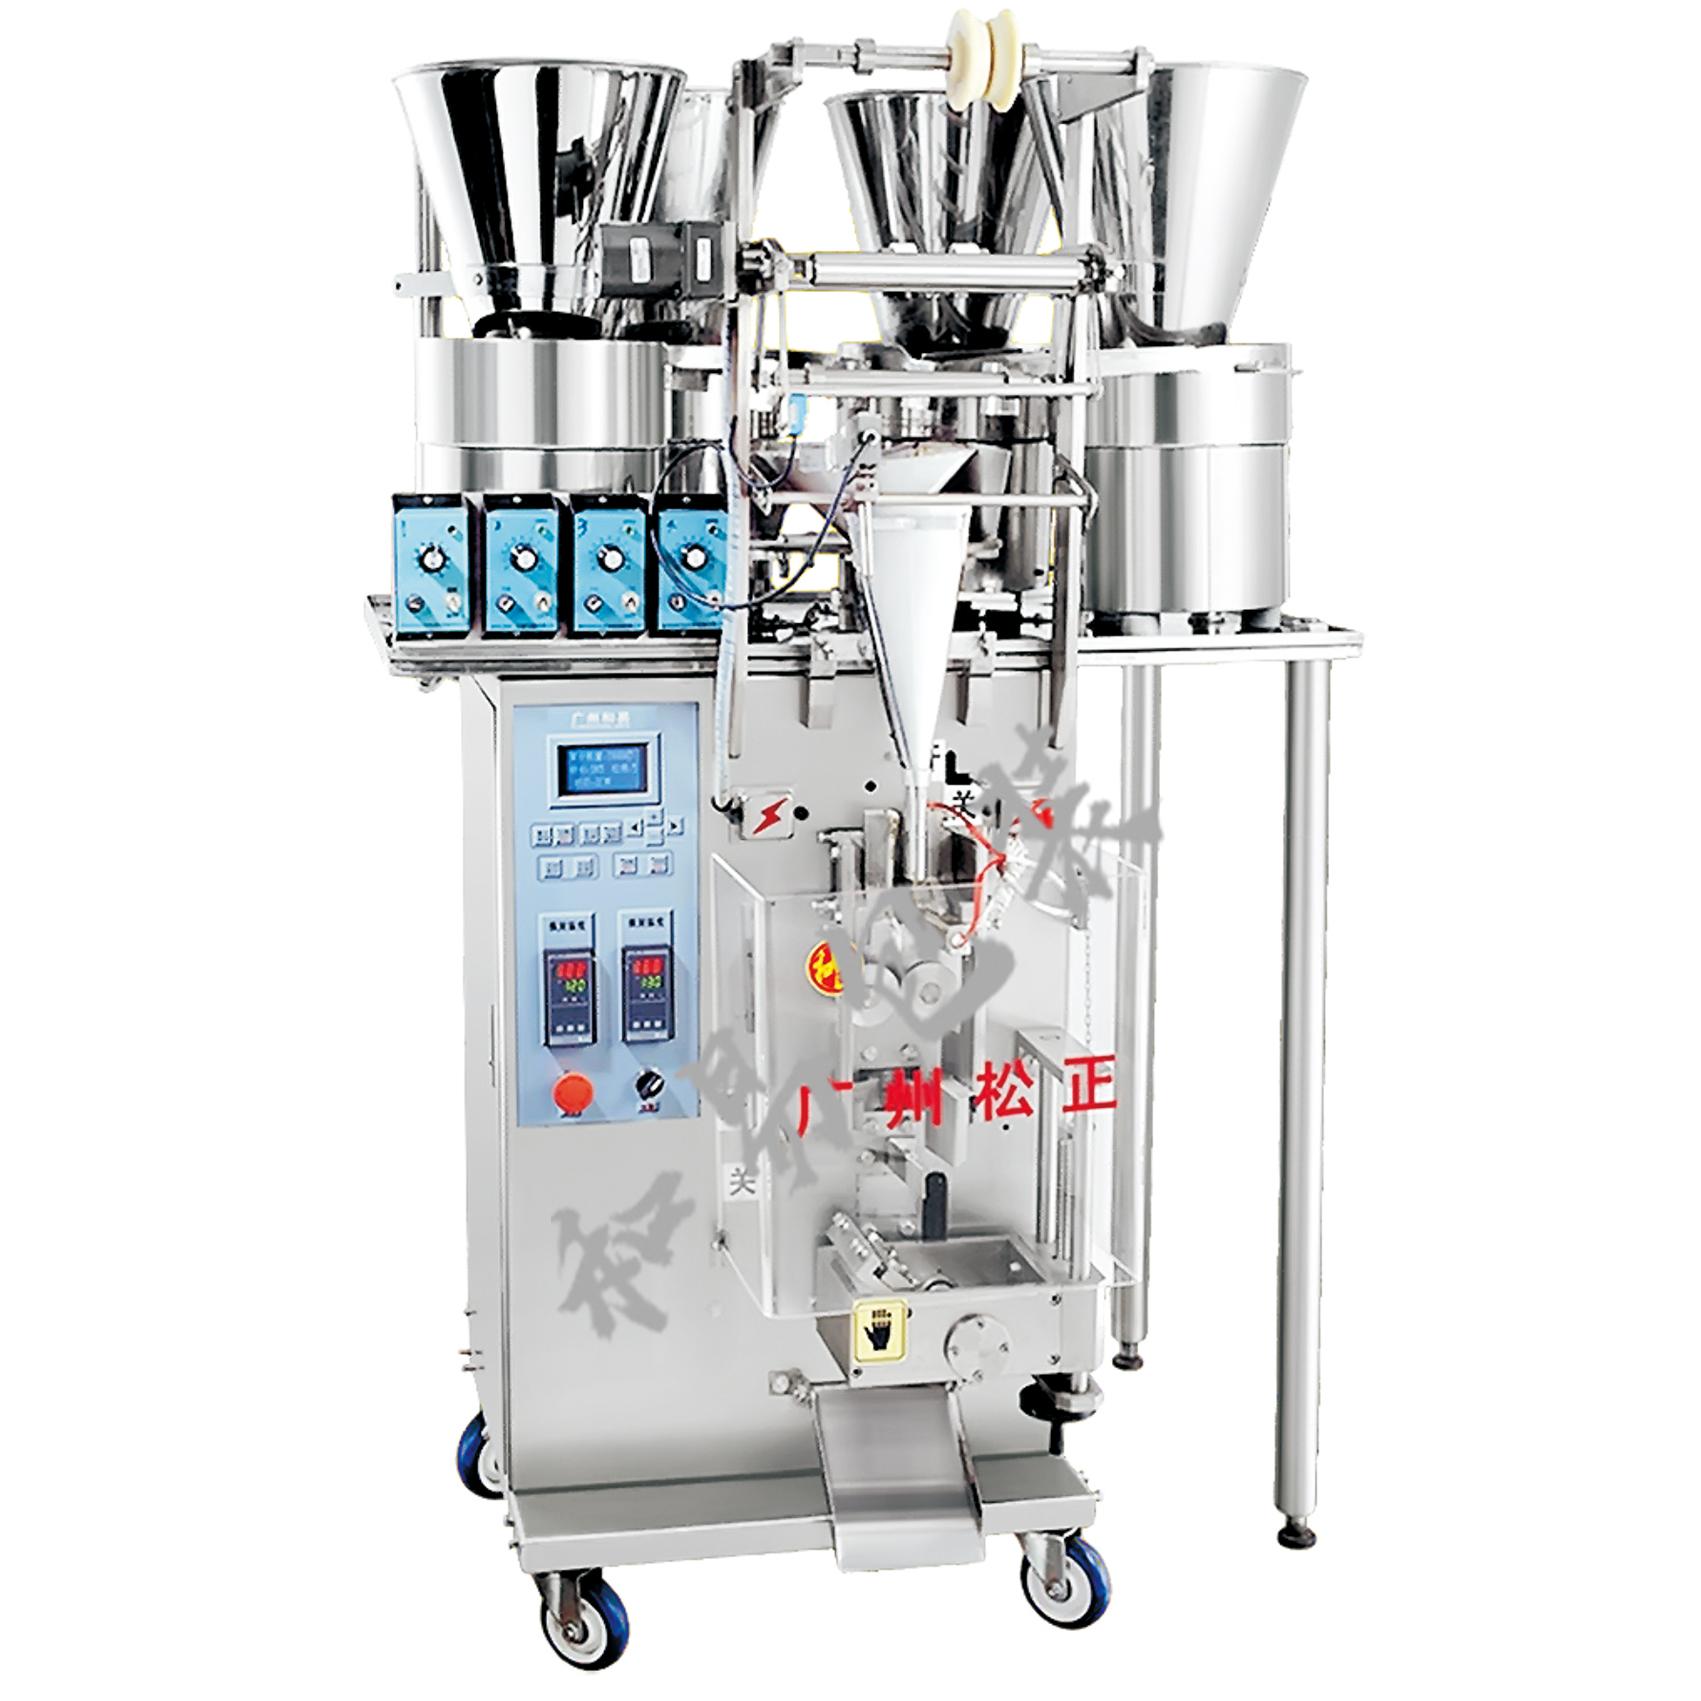 DWL50方便面调料包装机